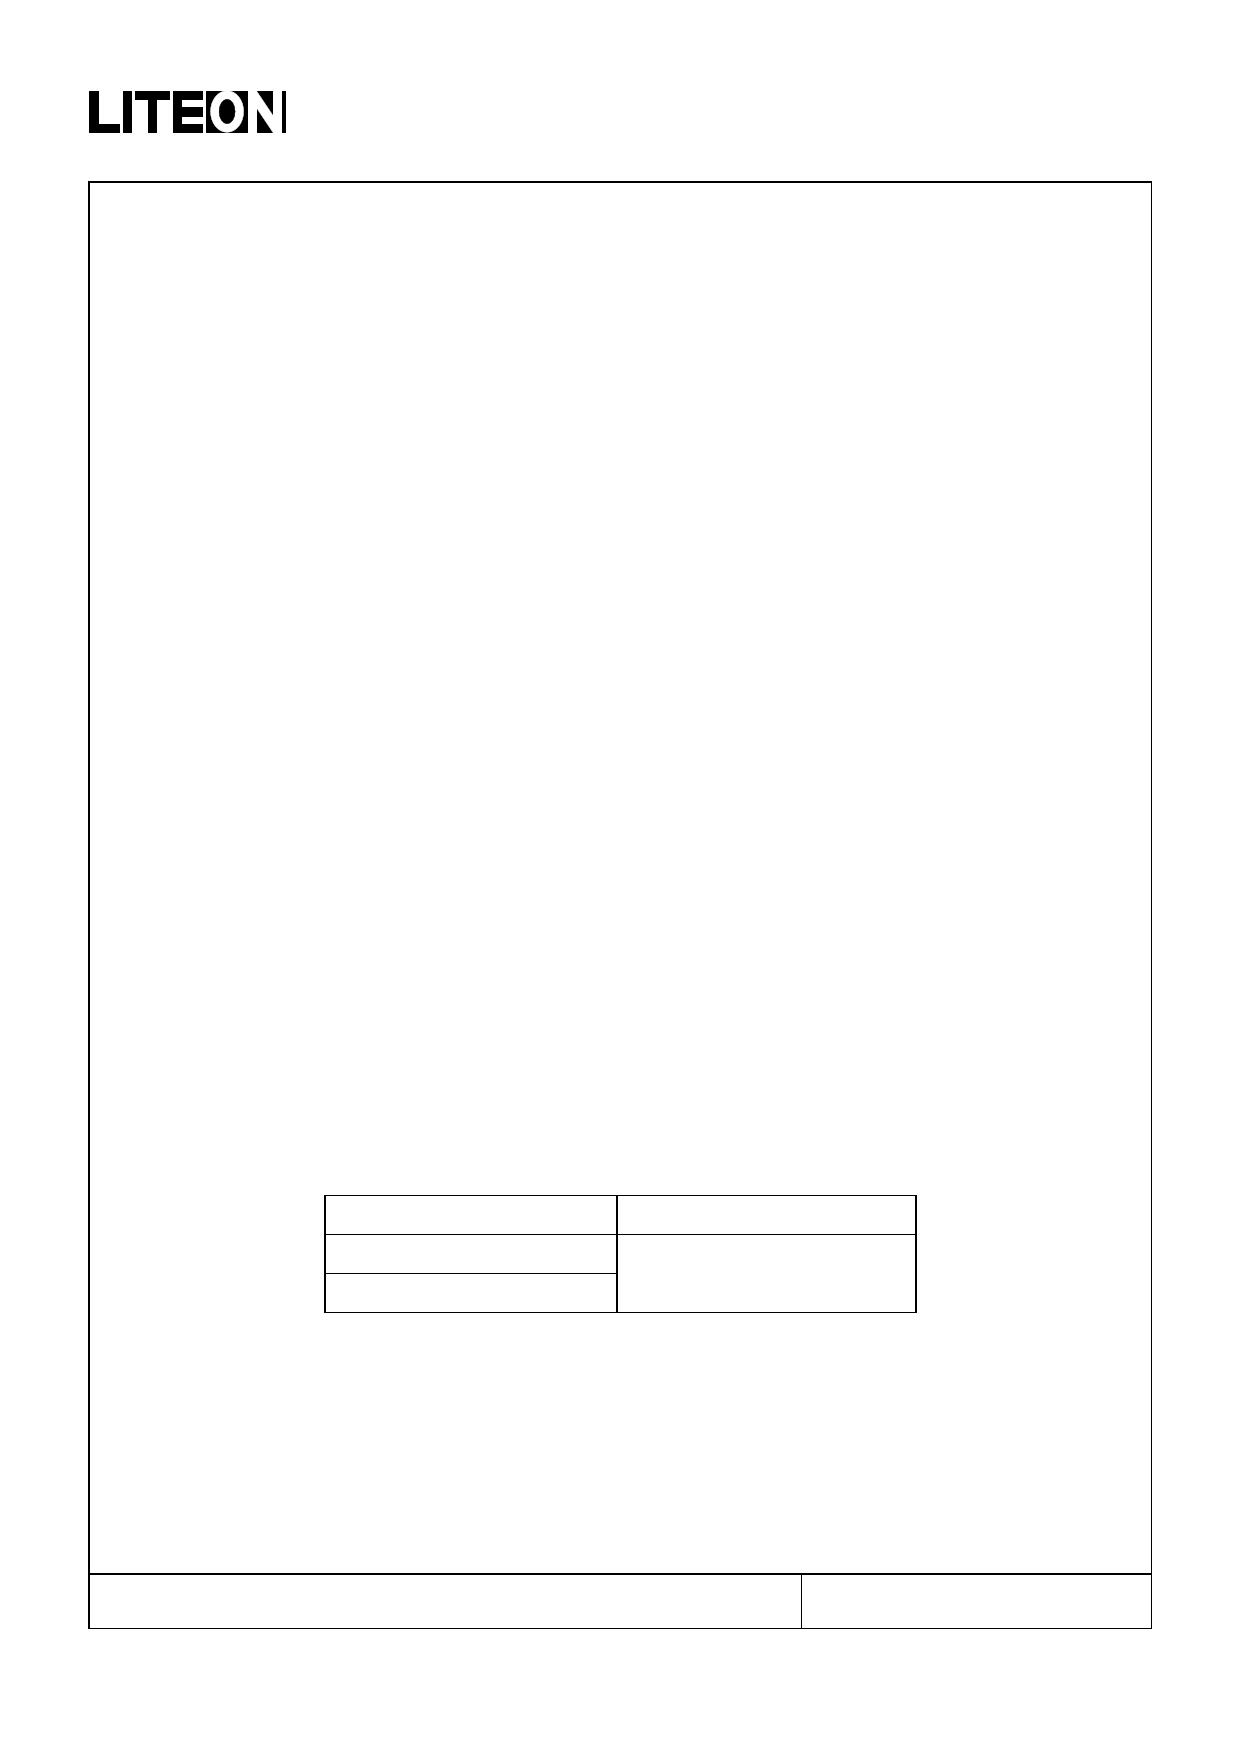 LTP-3157AY Datasheet